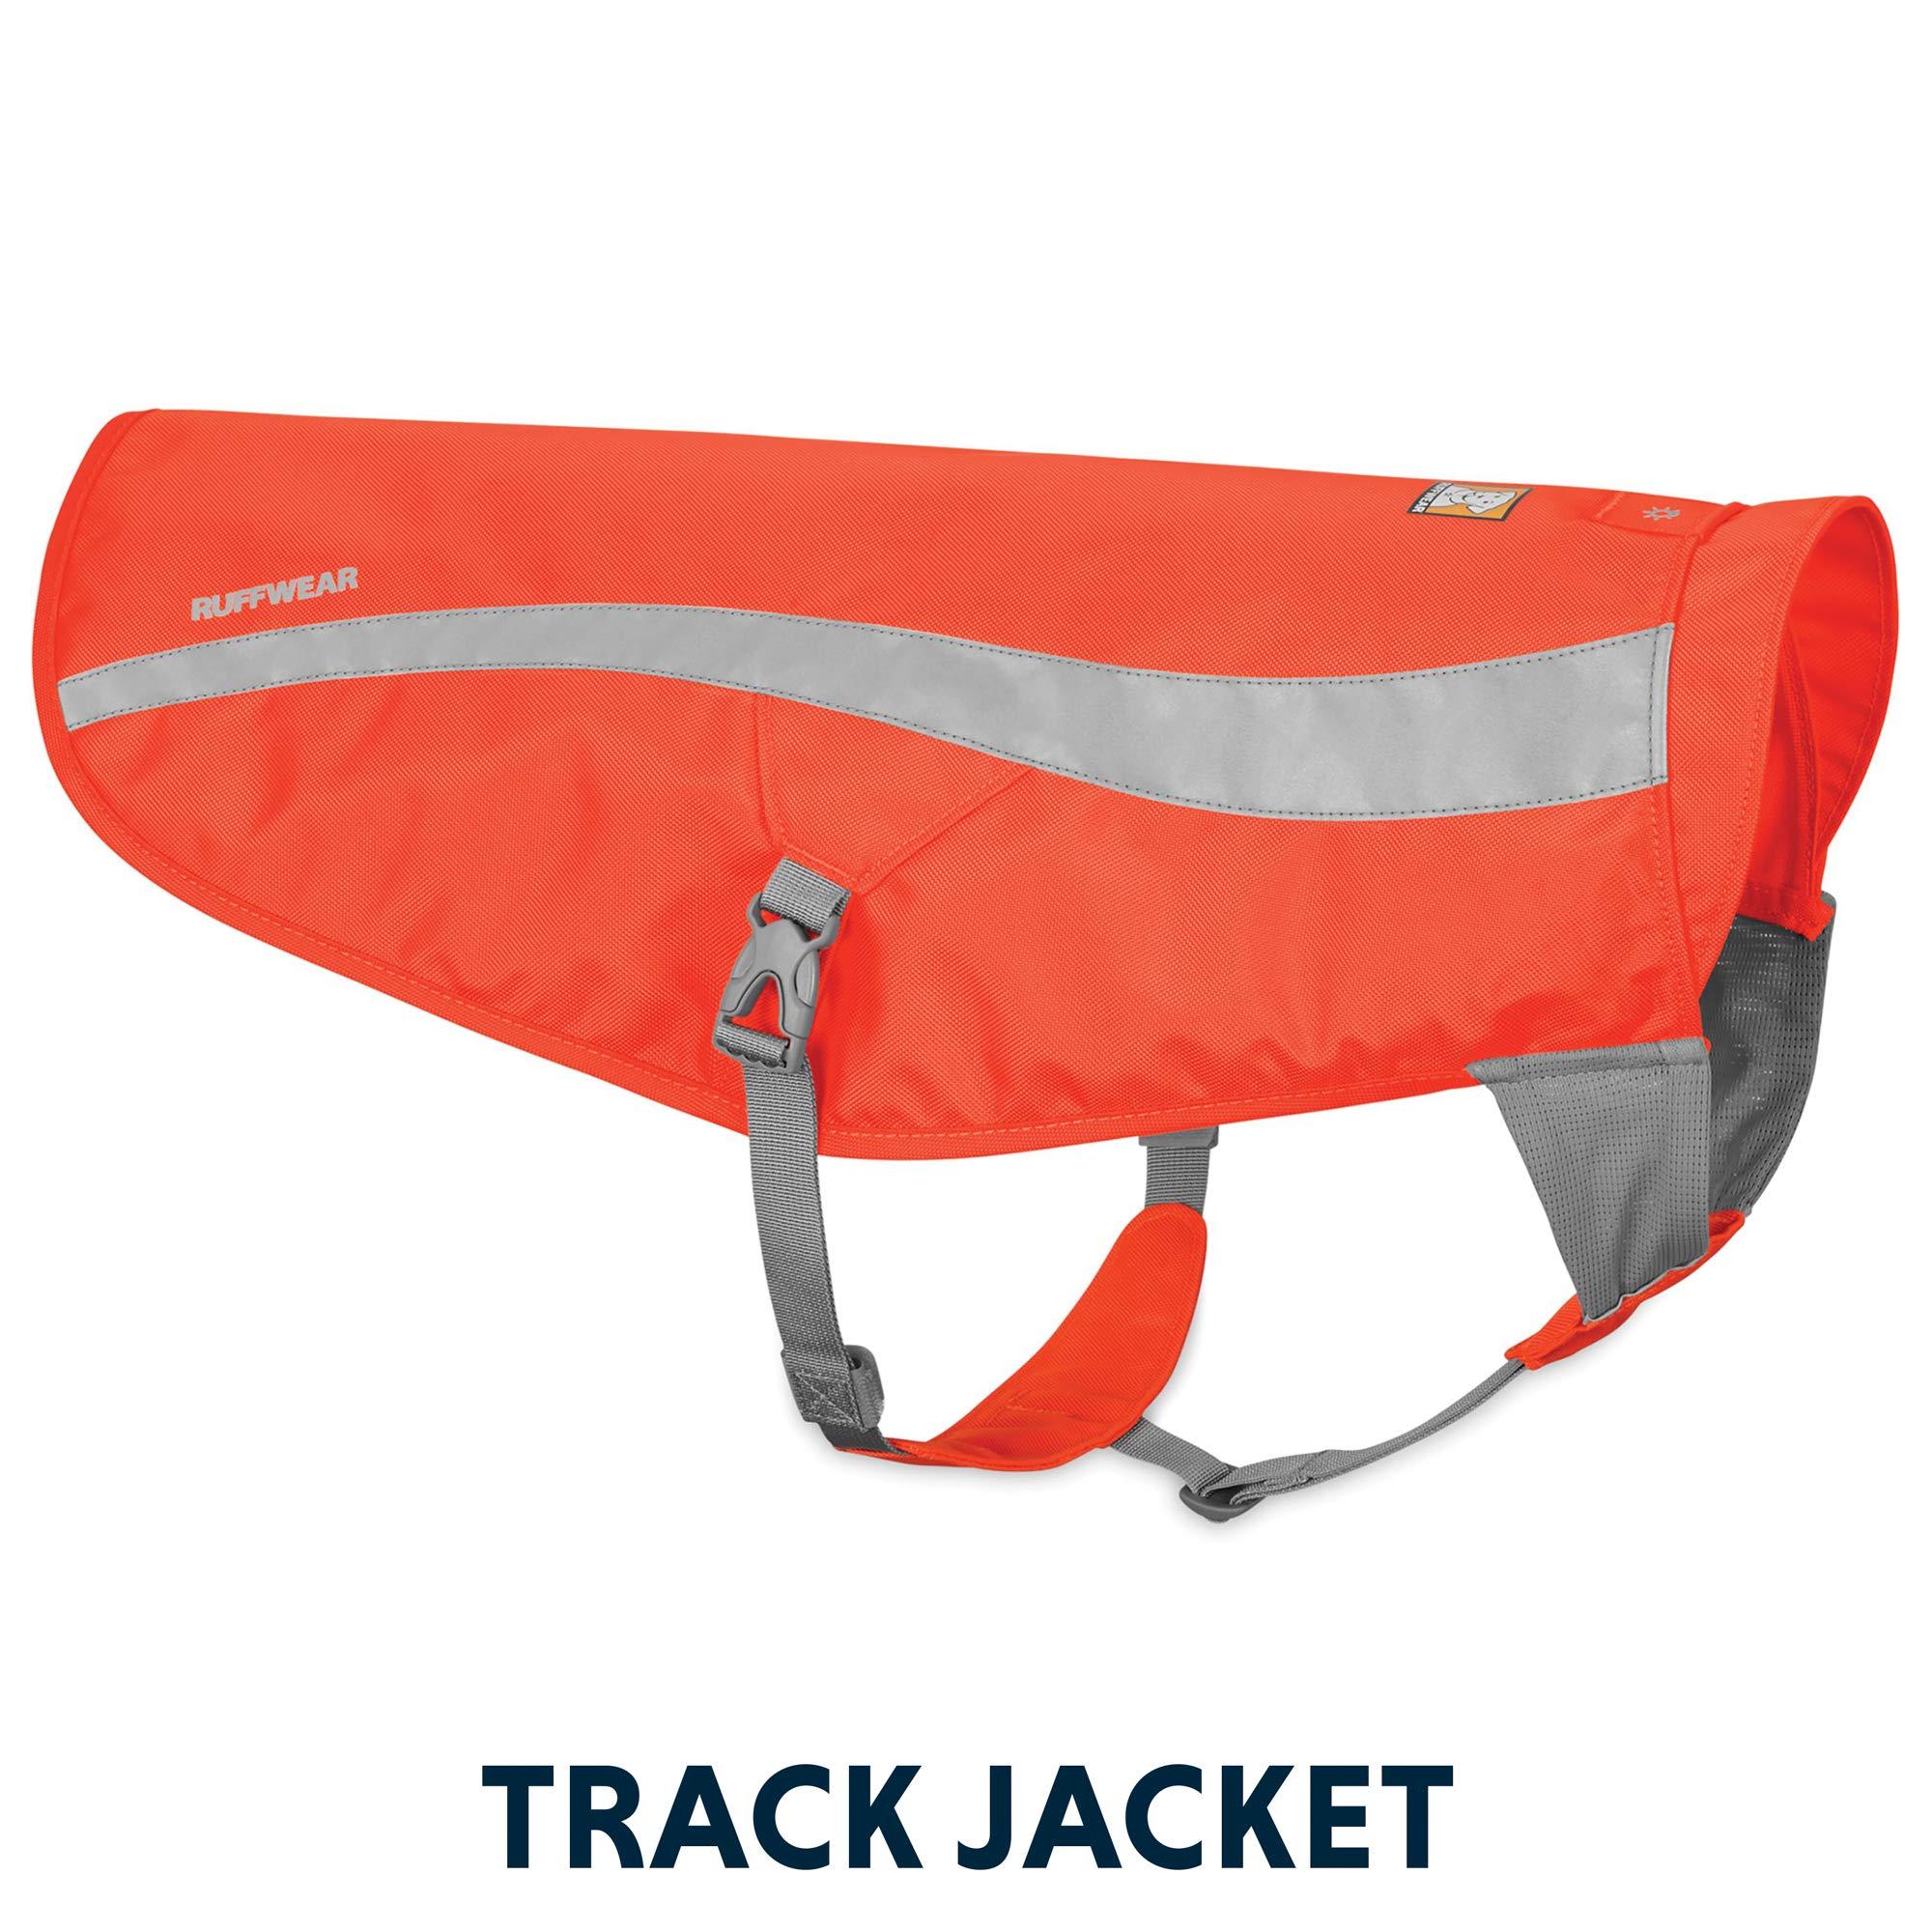 RUFFWEAR - Track Jacket High Visibility Reflective Safety Jacket for Dogs, Blaze Orange, Large/X-Large (2018)